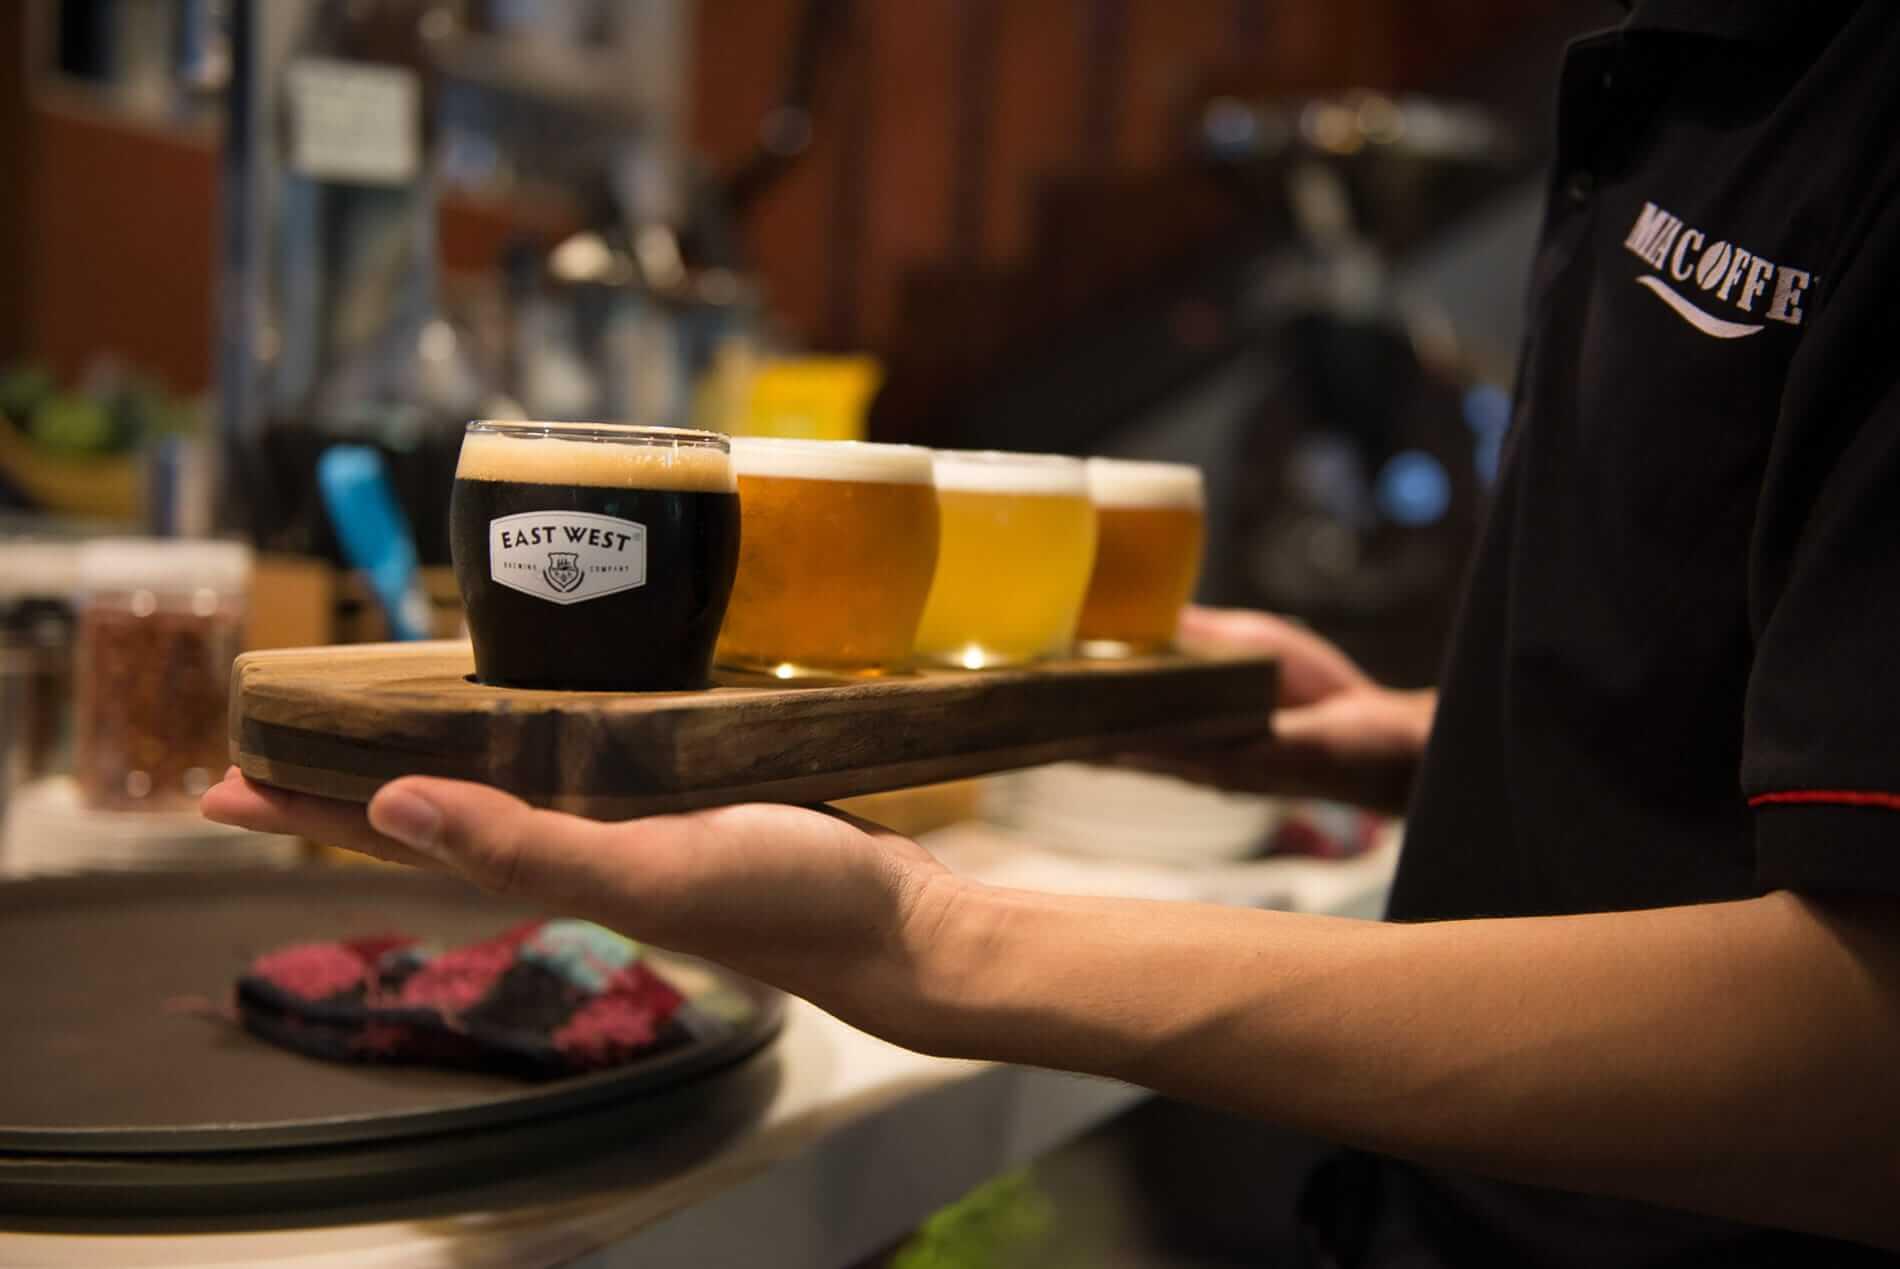 East West Brewery beer